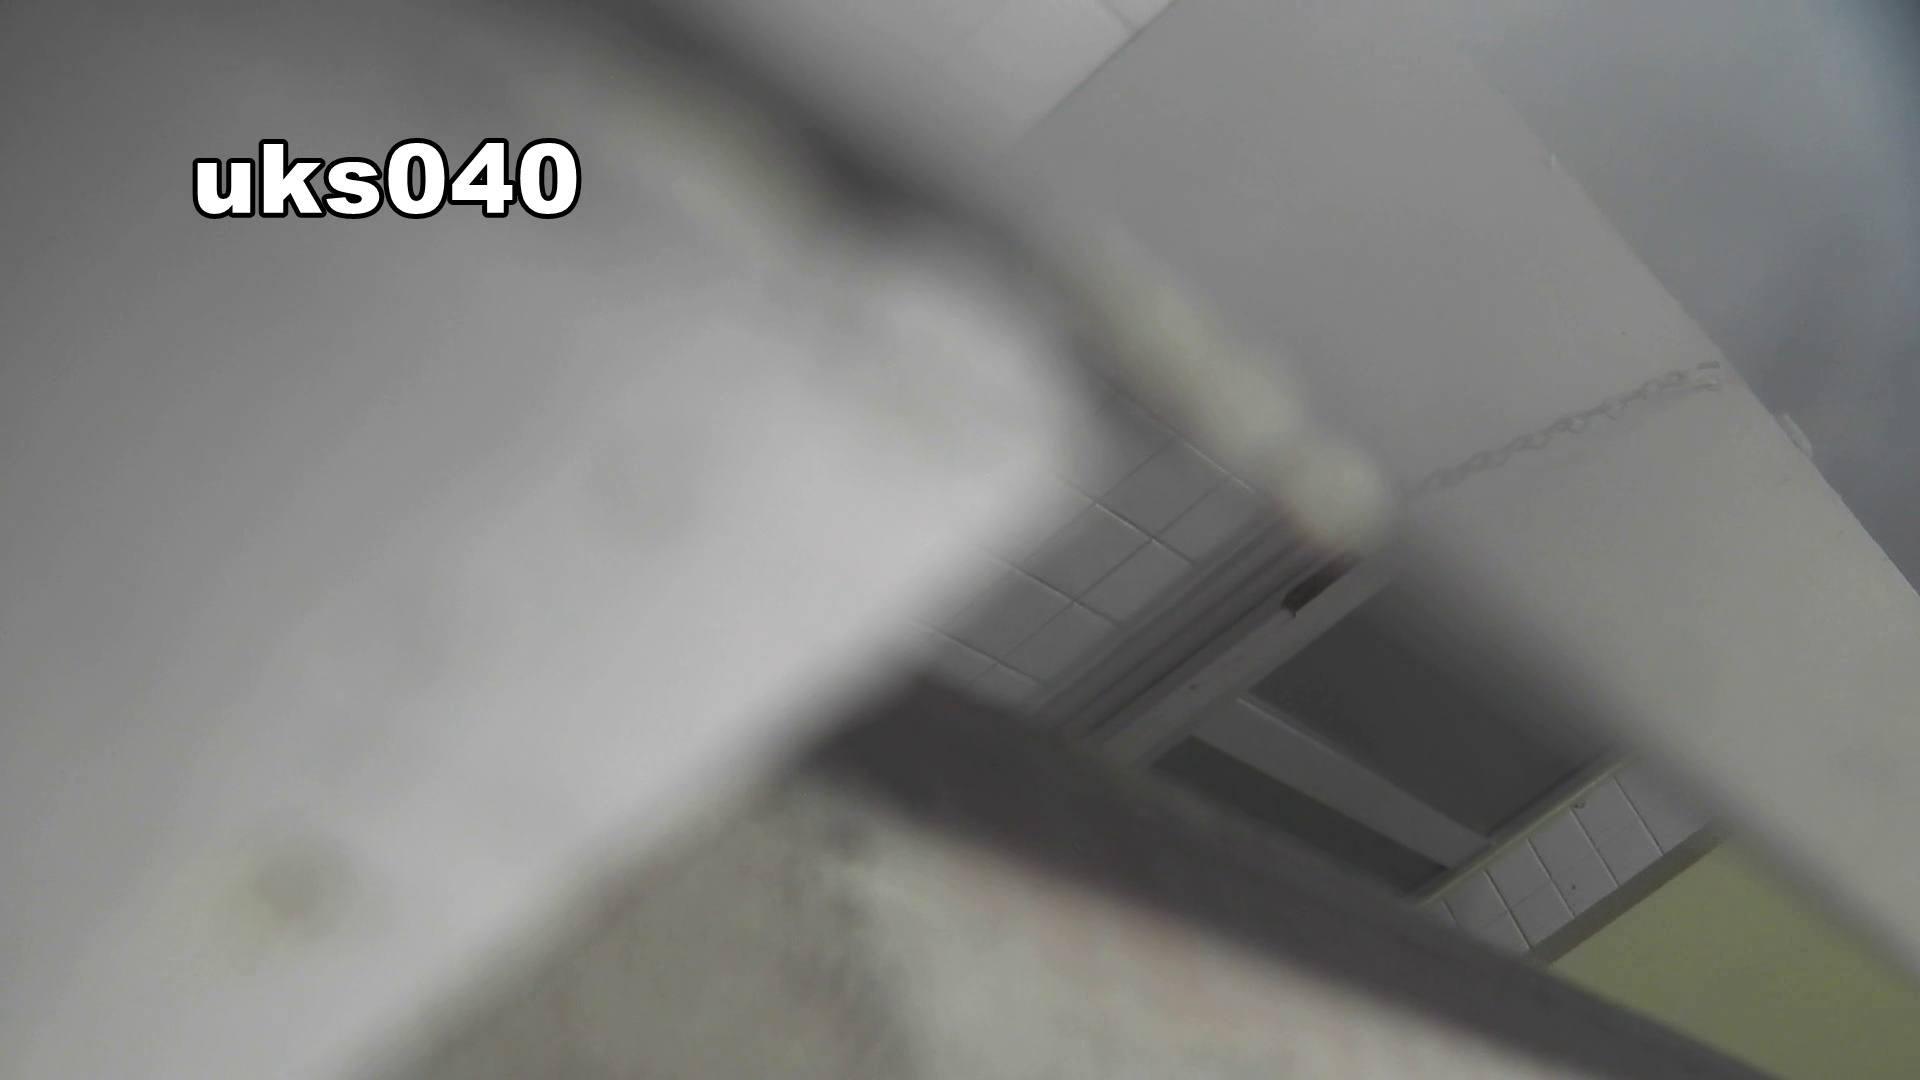 【美しき個室な世界】 vol.040 出て行かれる時の清楚姿撮り 洗面所 | 高画質  75画像 58